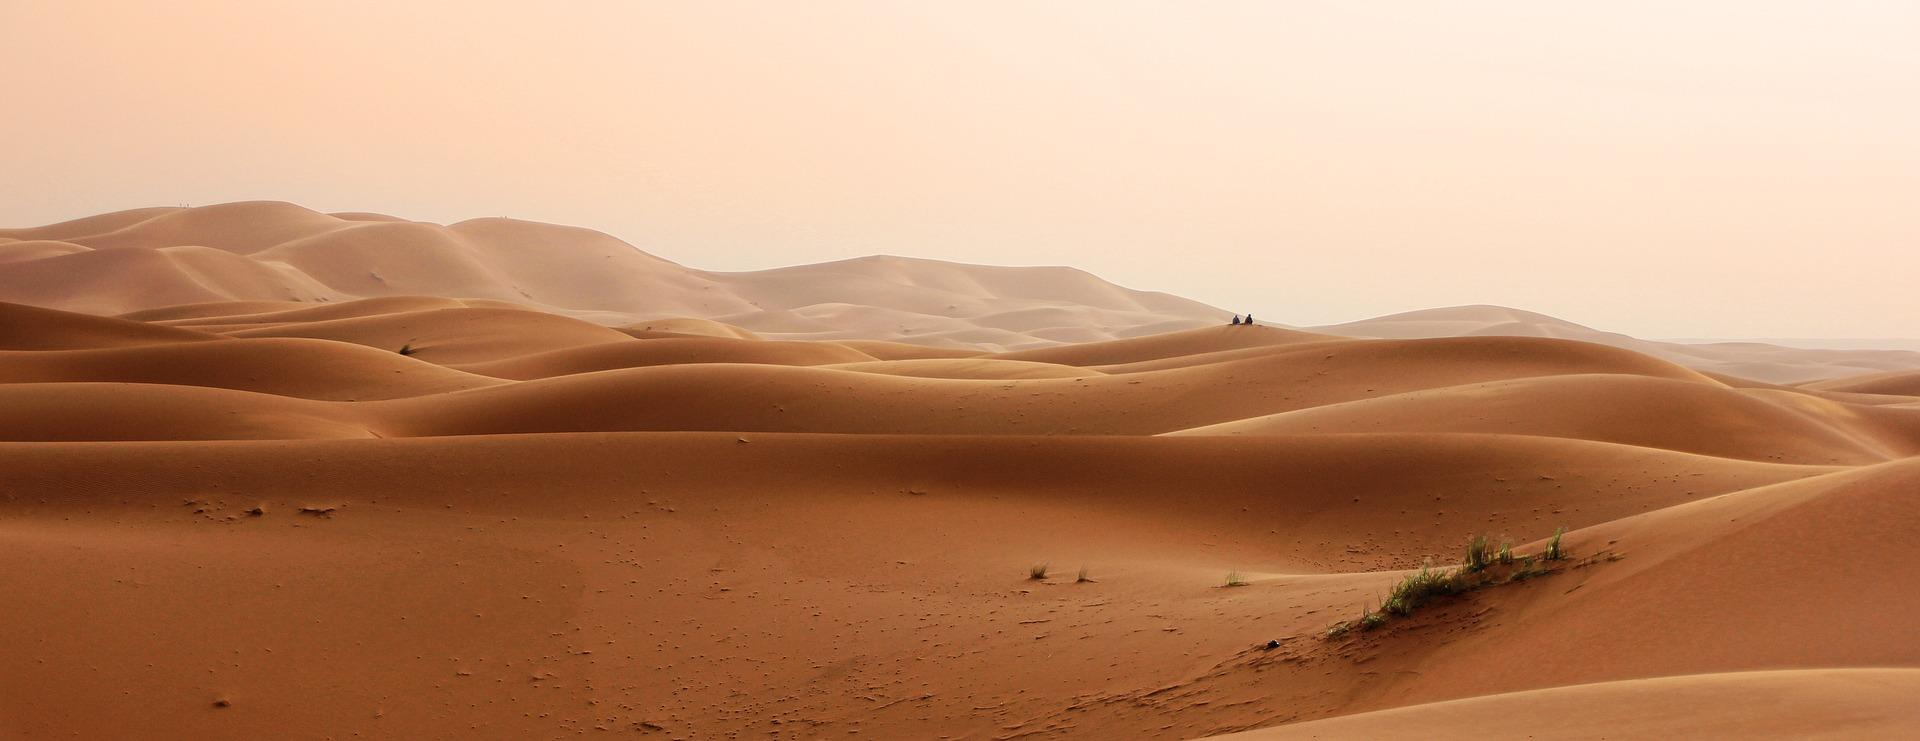 desert-2435404_1920